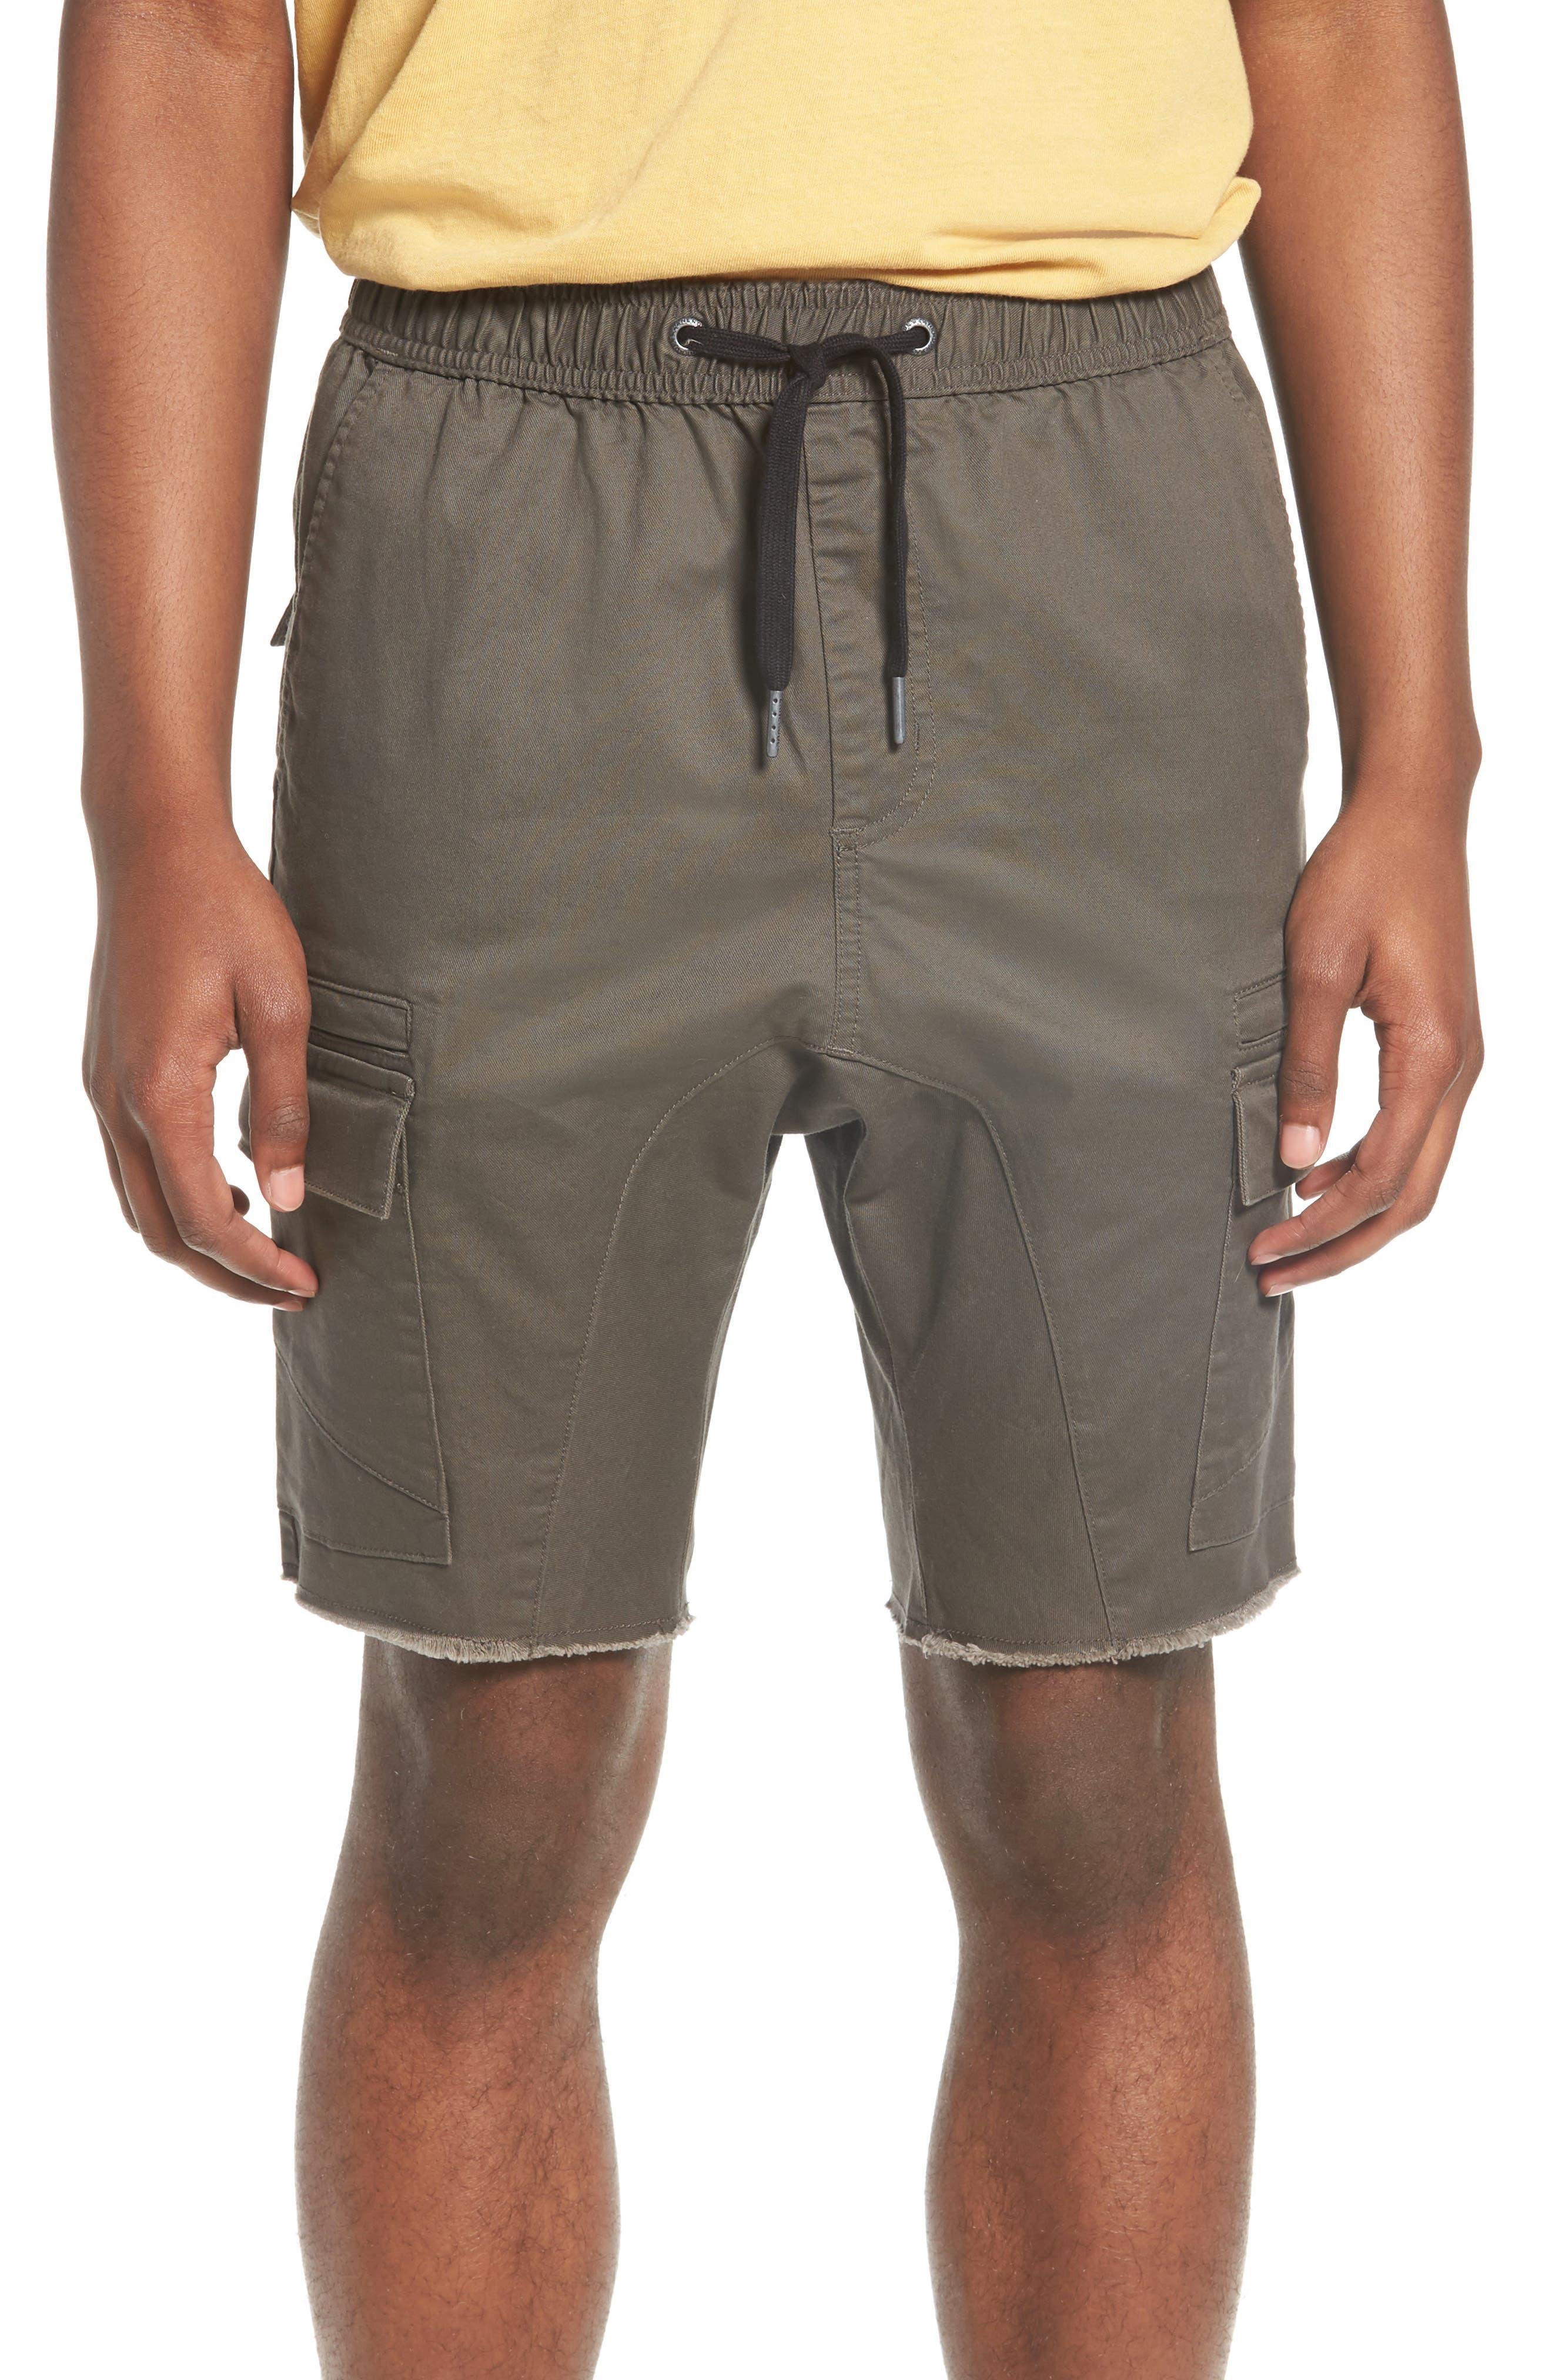 Sureshot Cargo Shorts,                             Main thumbnail 1, color,                             Peat